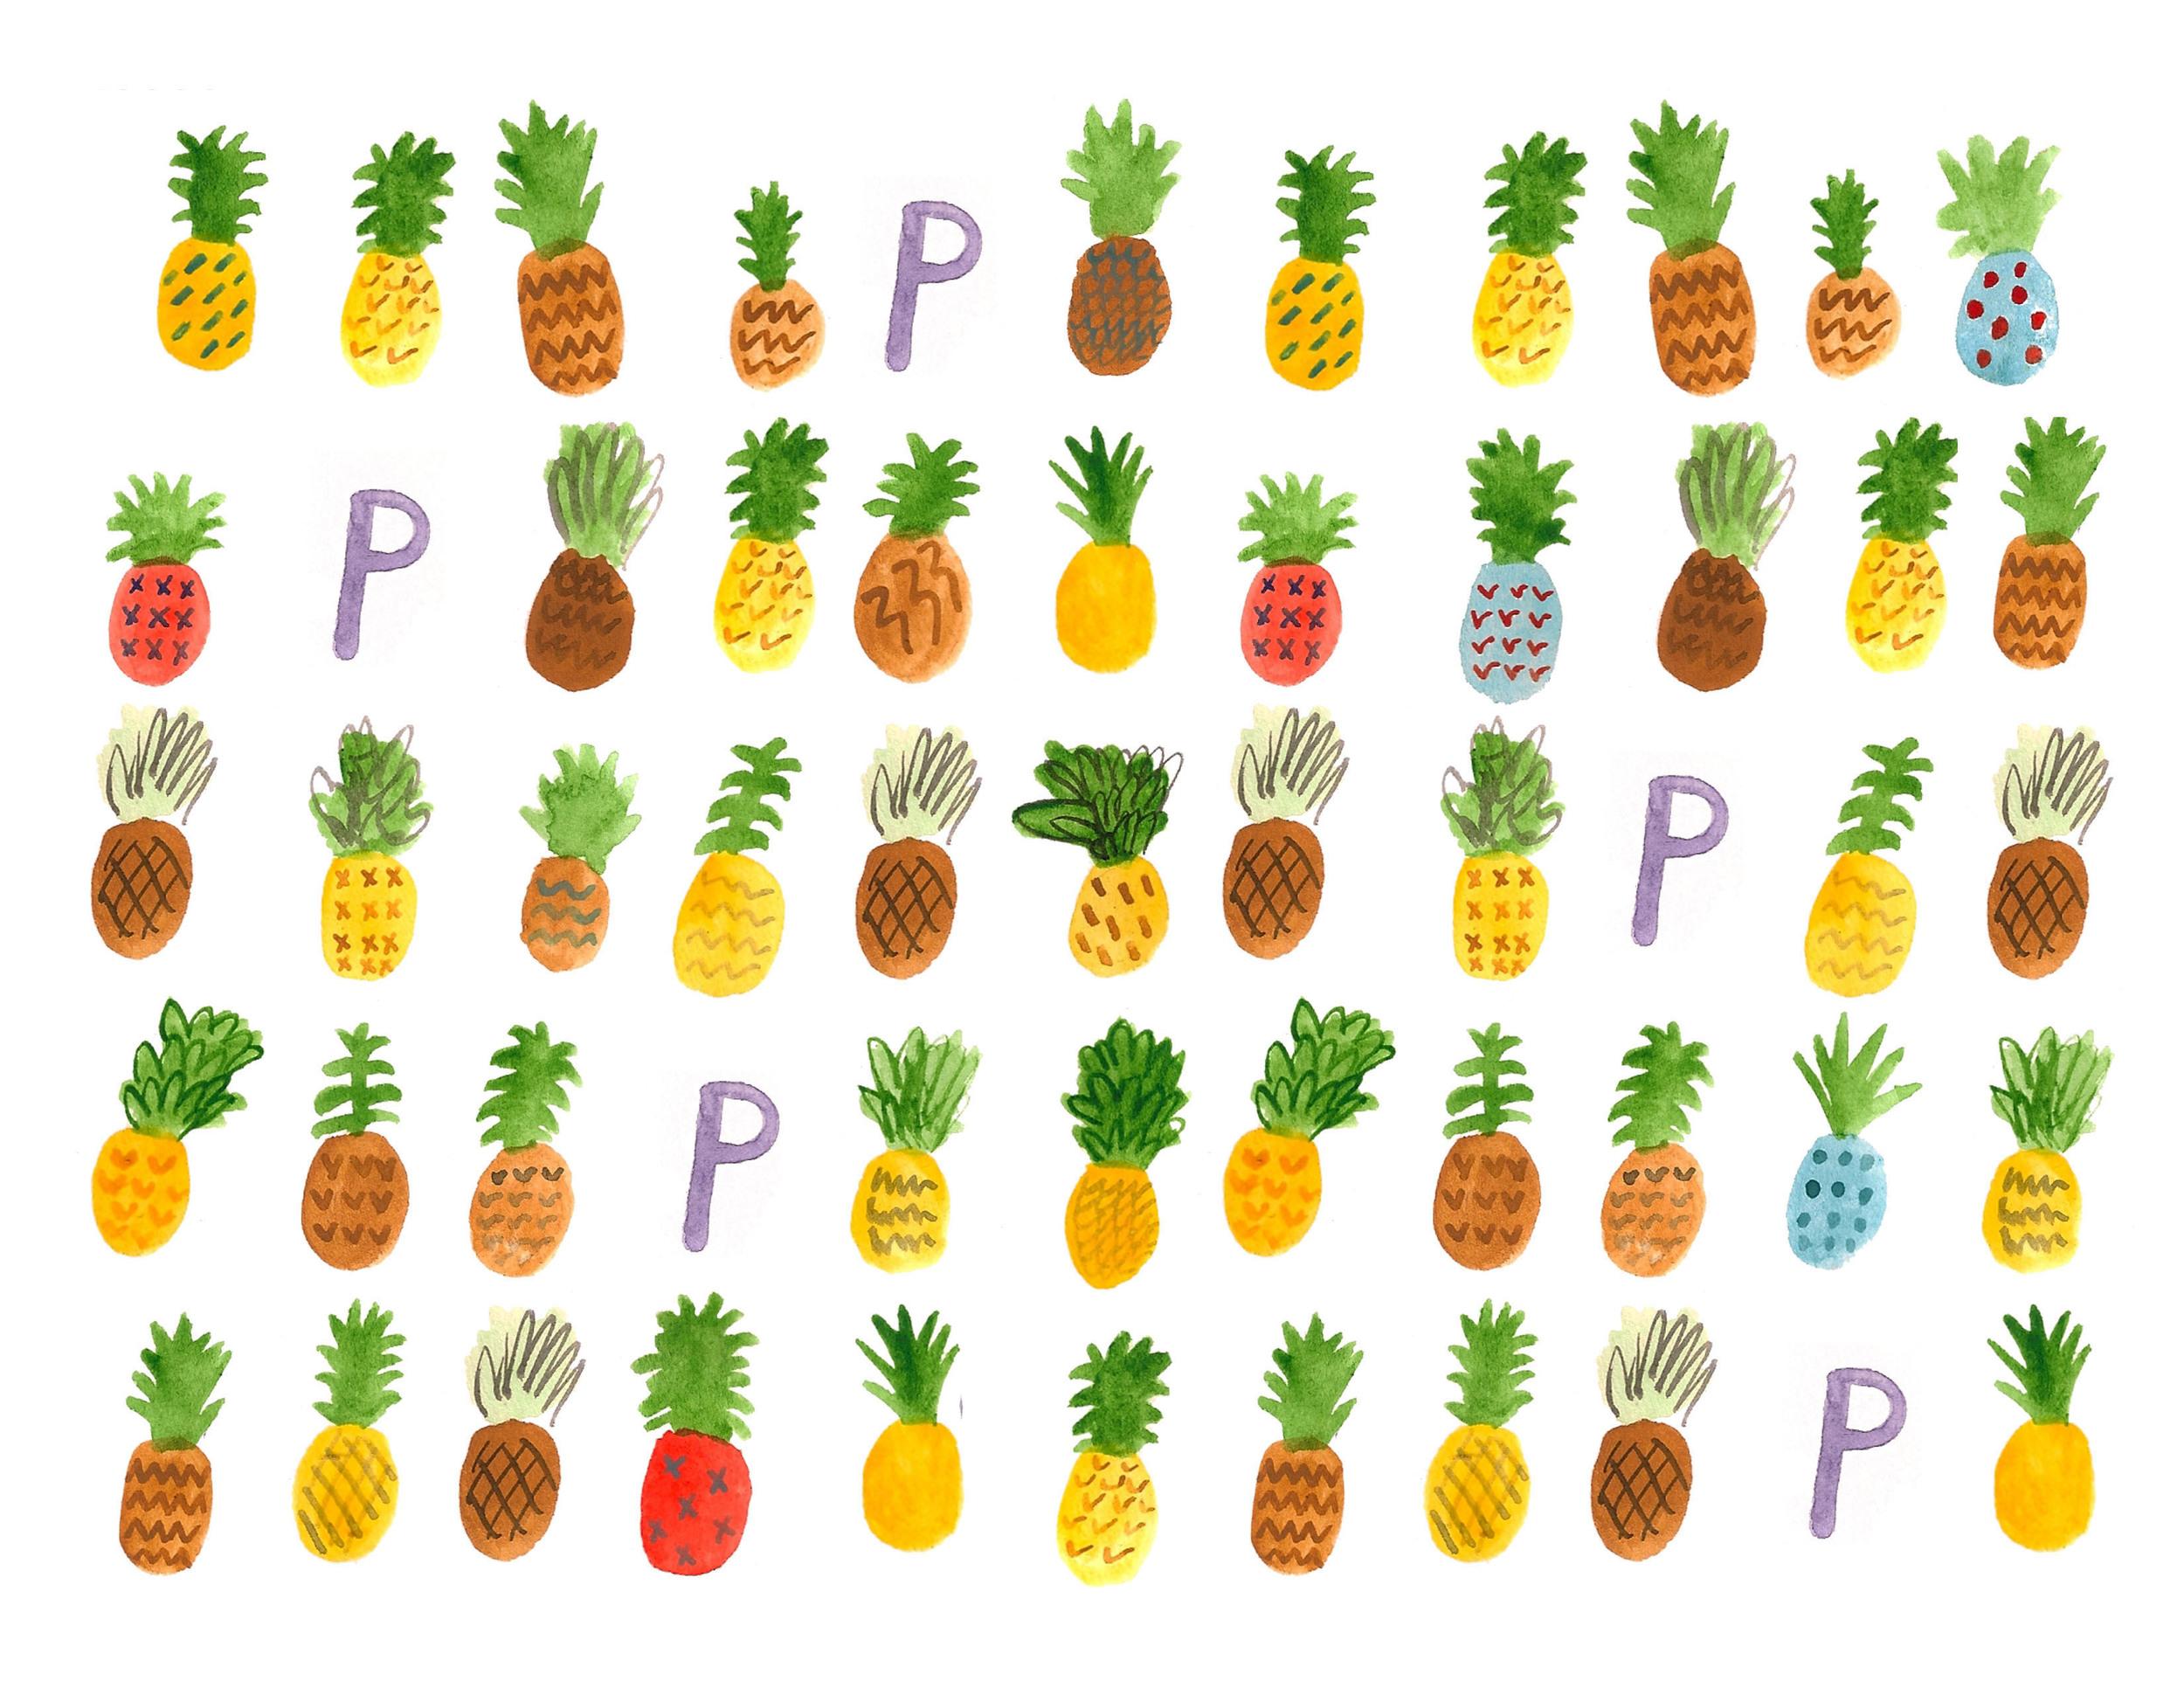 pforpineapple.jpg